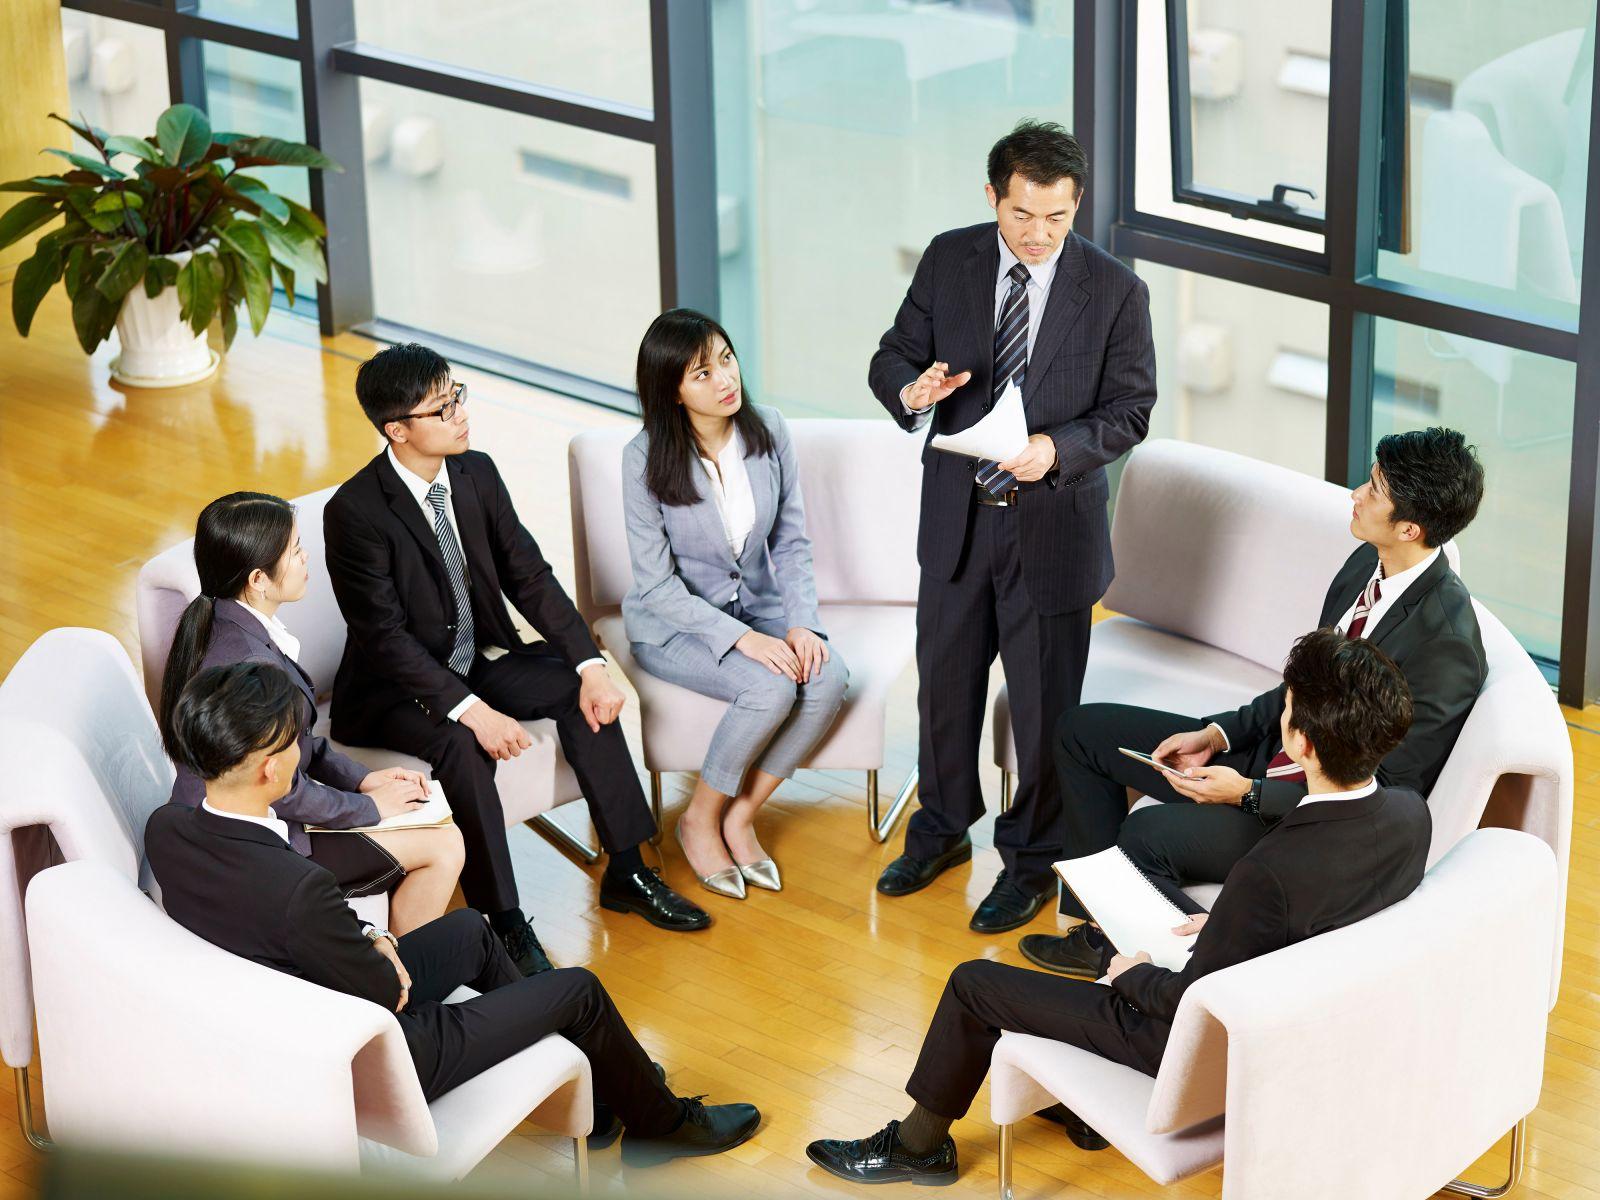 善用五標準,建立主動「溝通」的團隊文化